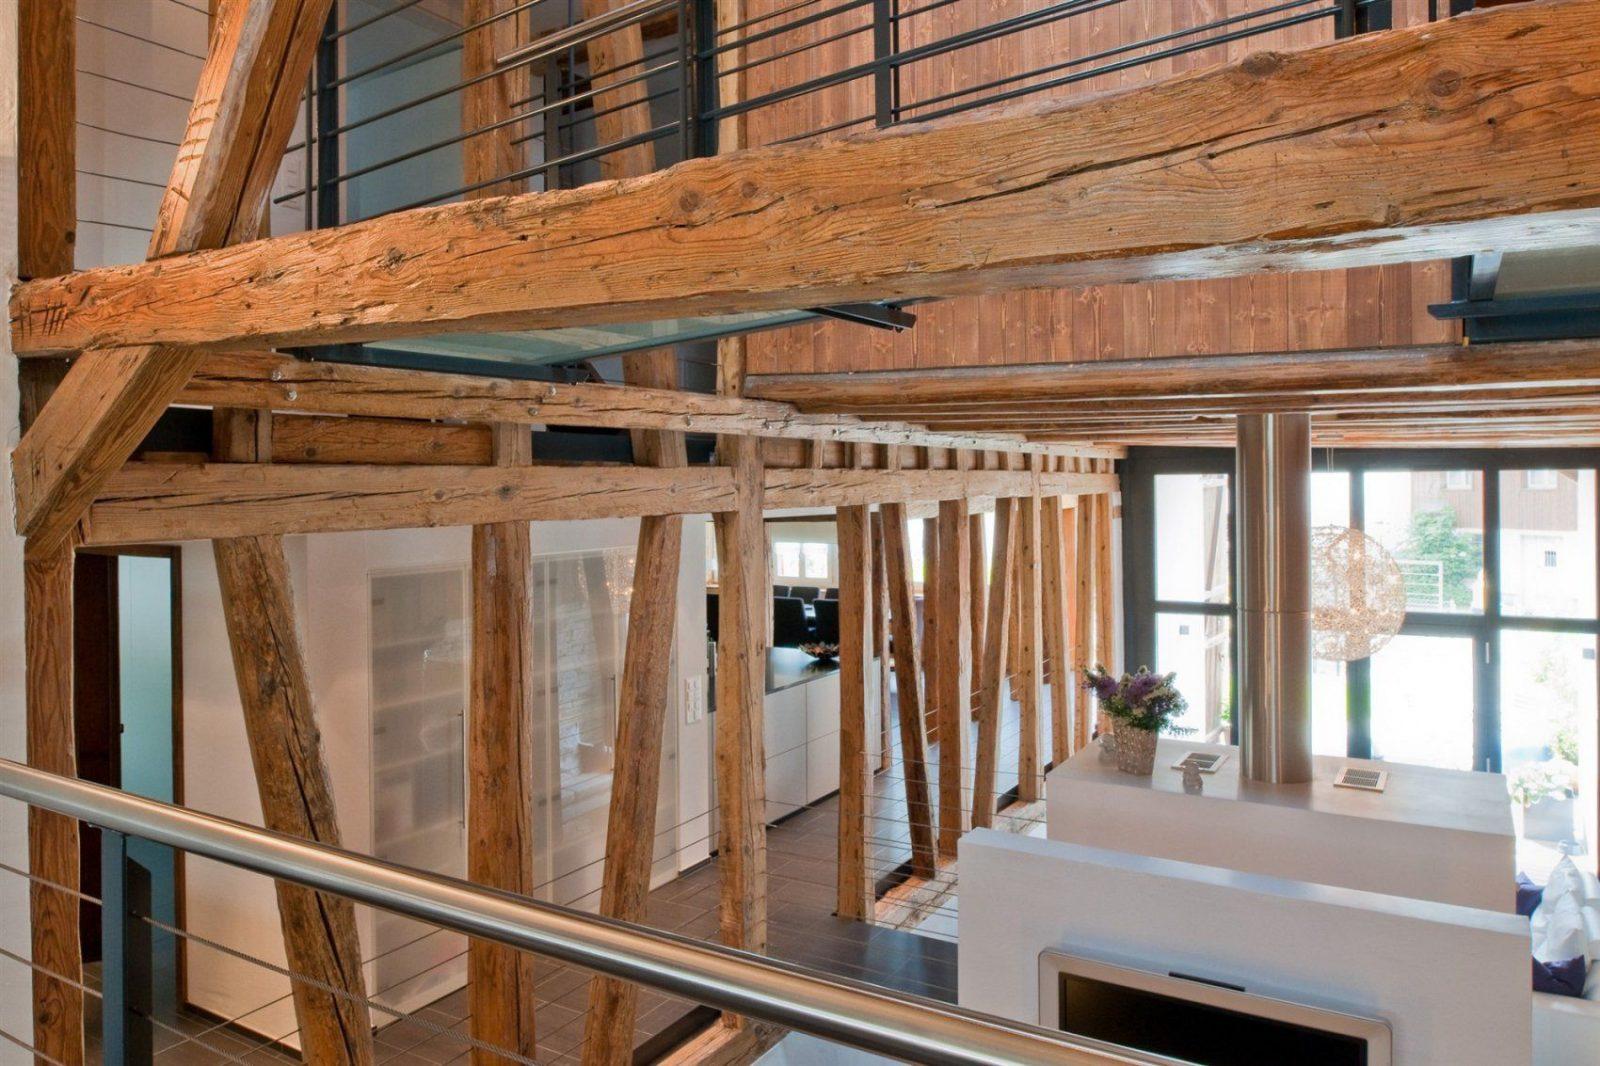 Schöne Altes Haus Renovieren Vorher Nachher Geliebte Bauernhaus von Bauernhaus Renovieren Vorher Nachher Bild